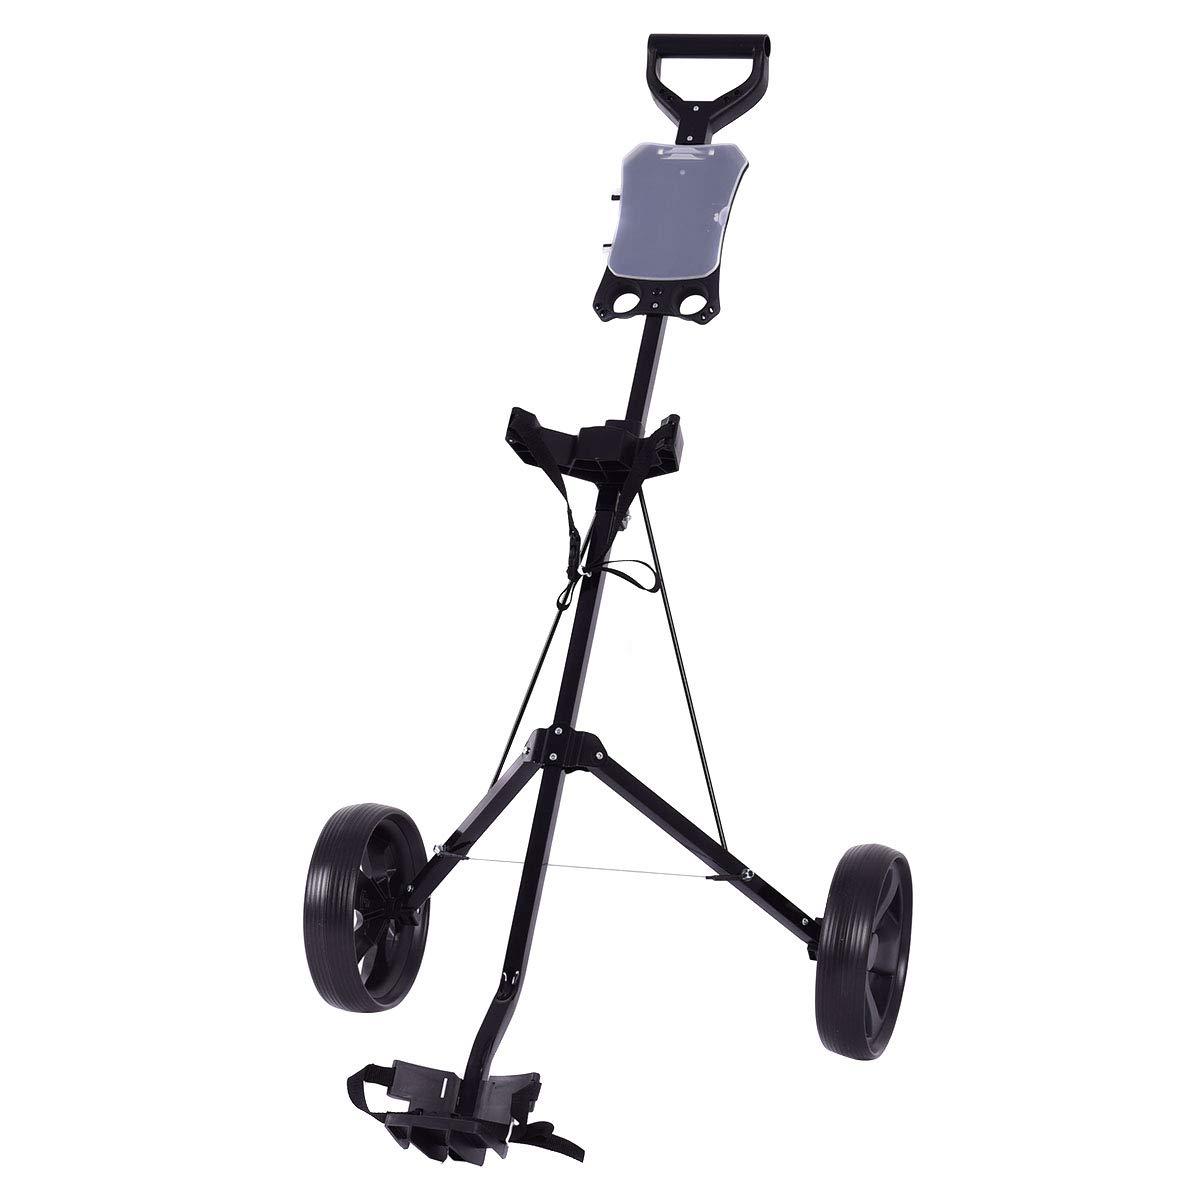 GYMAX Golf Cart, 2 Wheel Foldable Golf Trolley Push Pull Cart